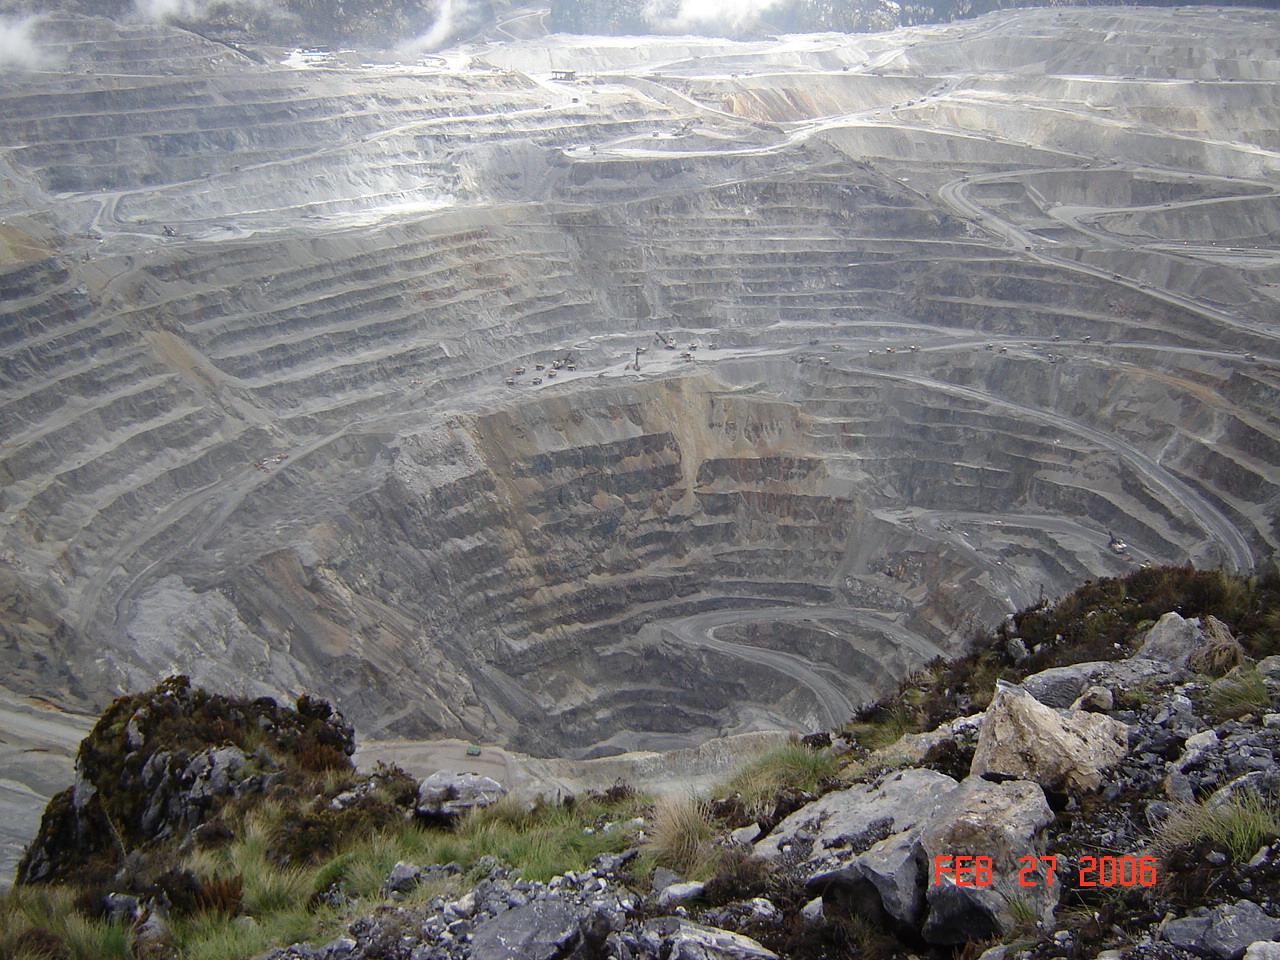 اهم مناجم الذهب في العالم ... منجم جراسبيرج   المرسال